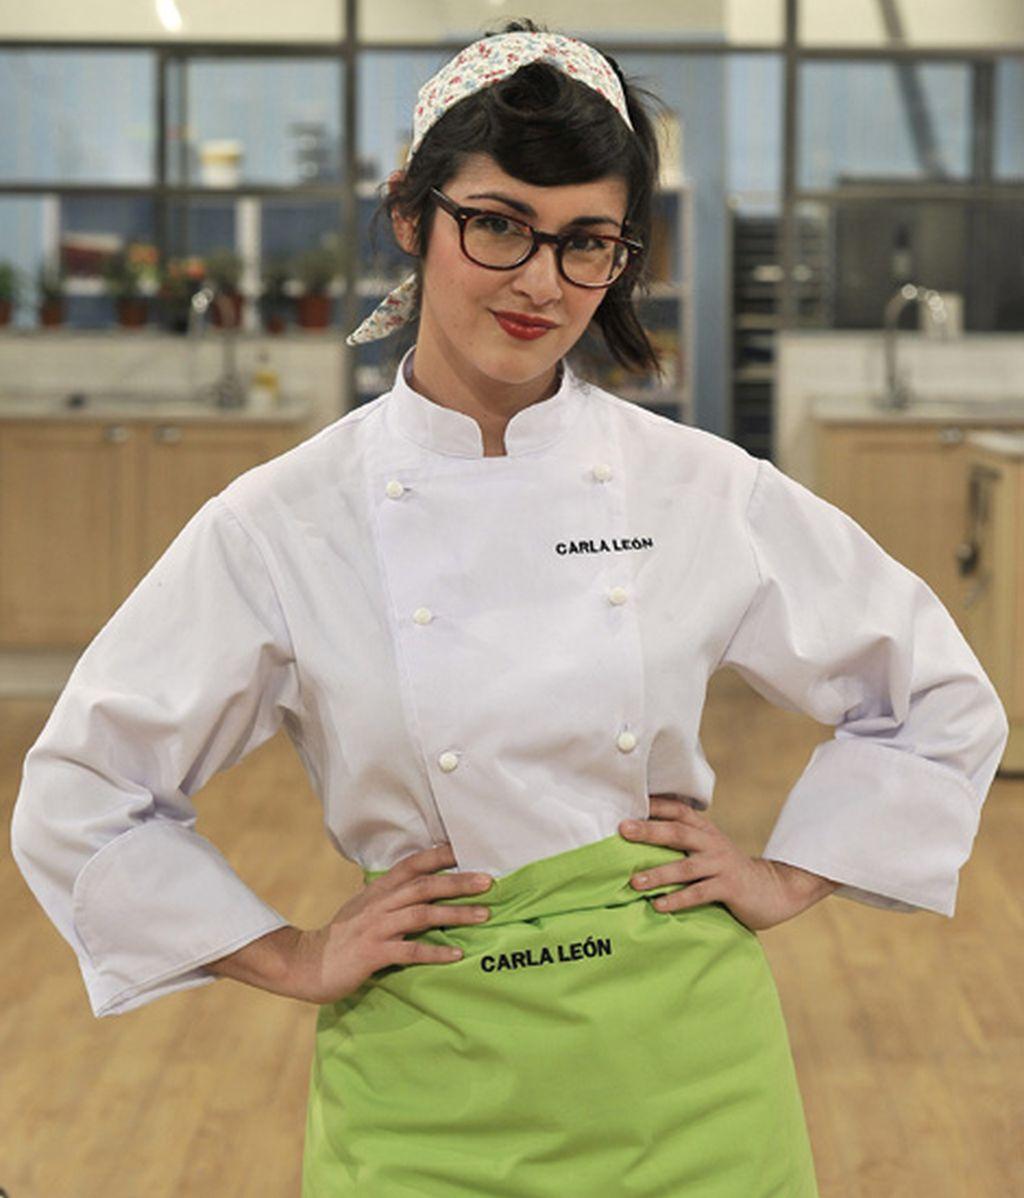 Carla León